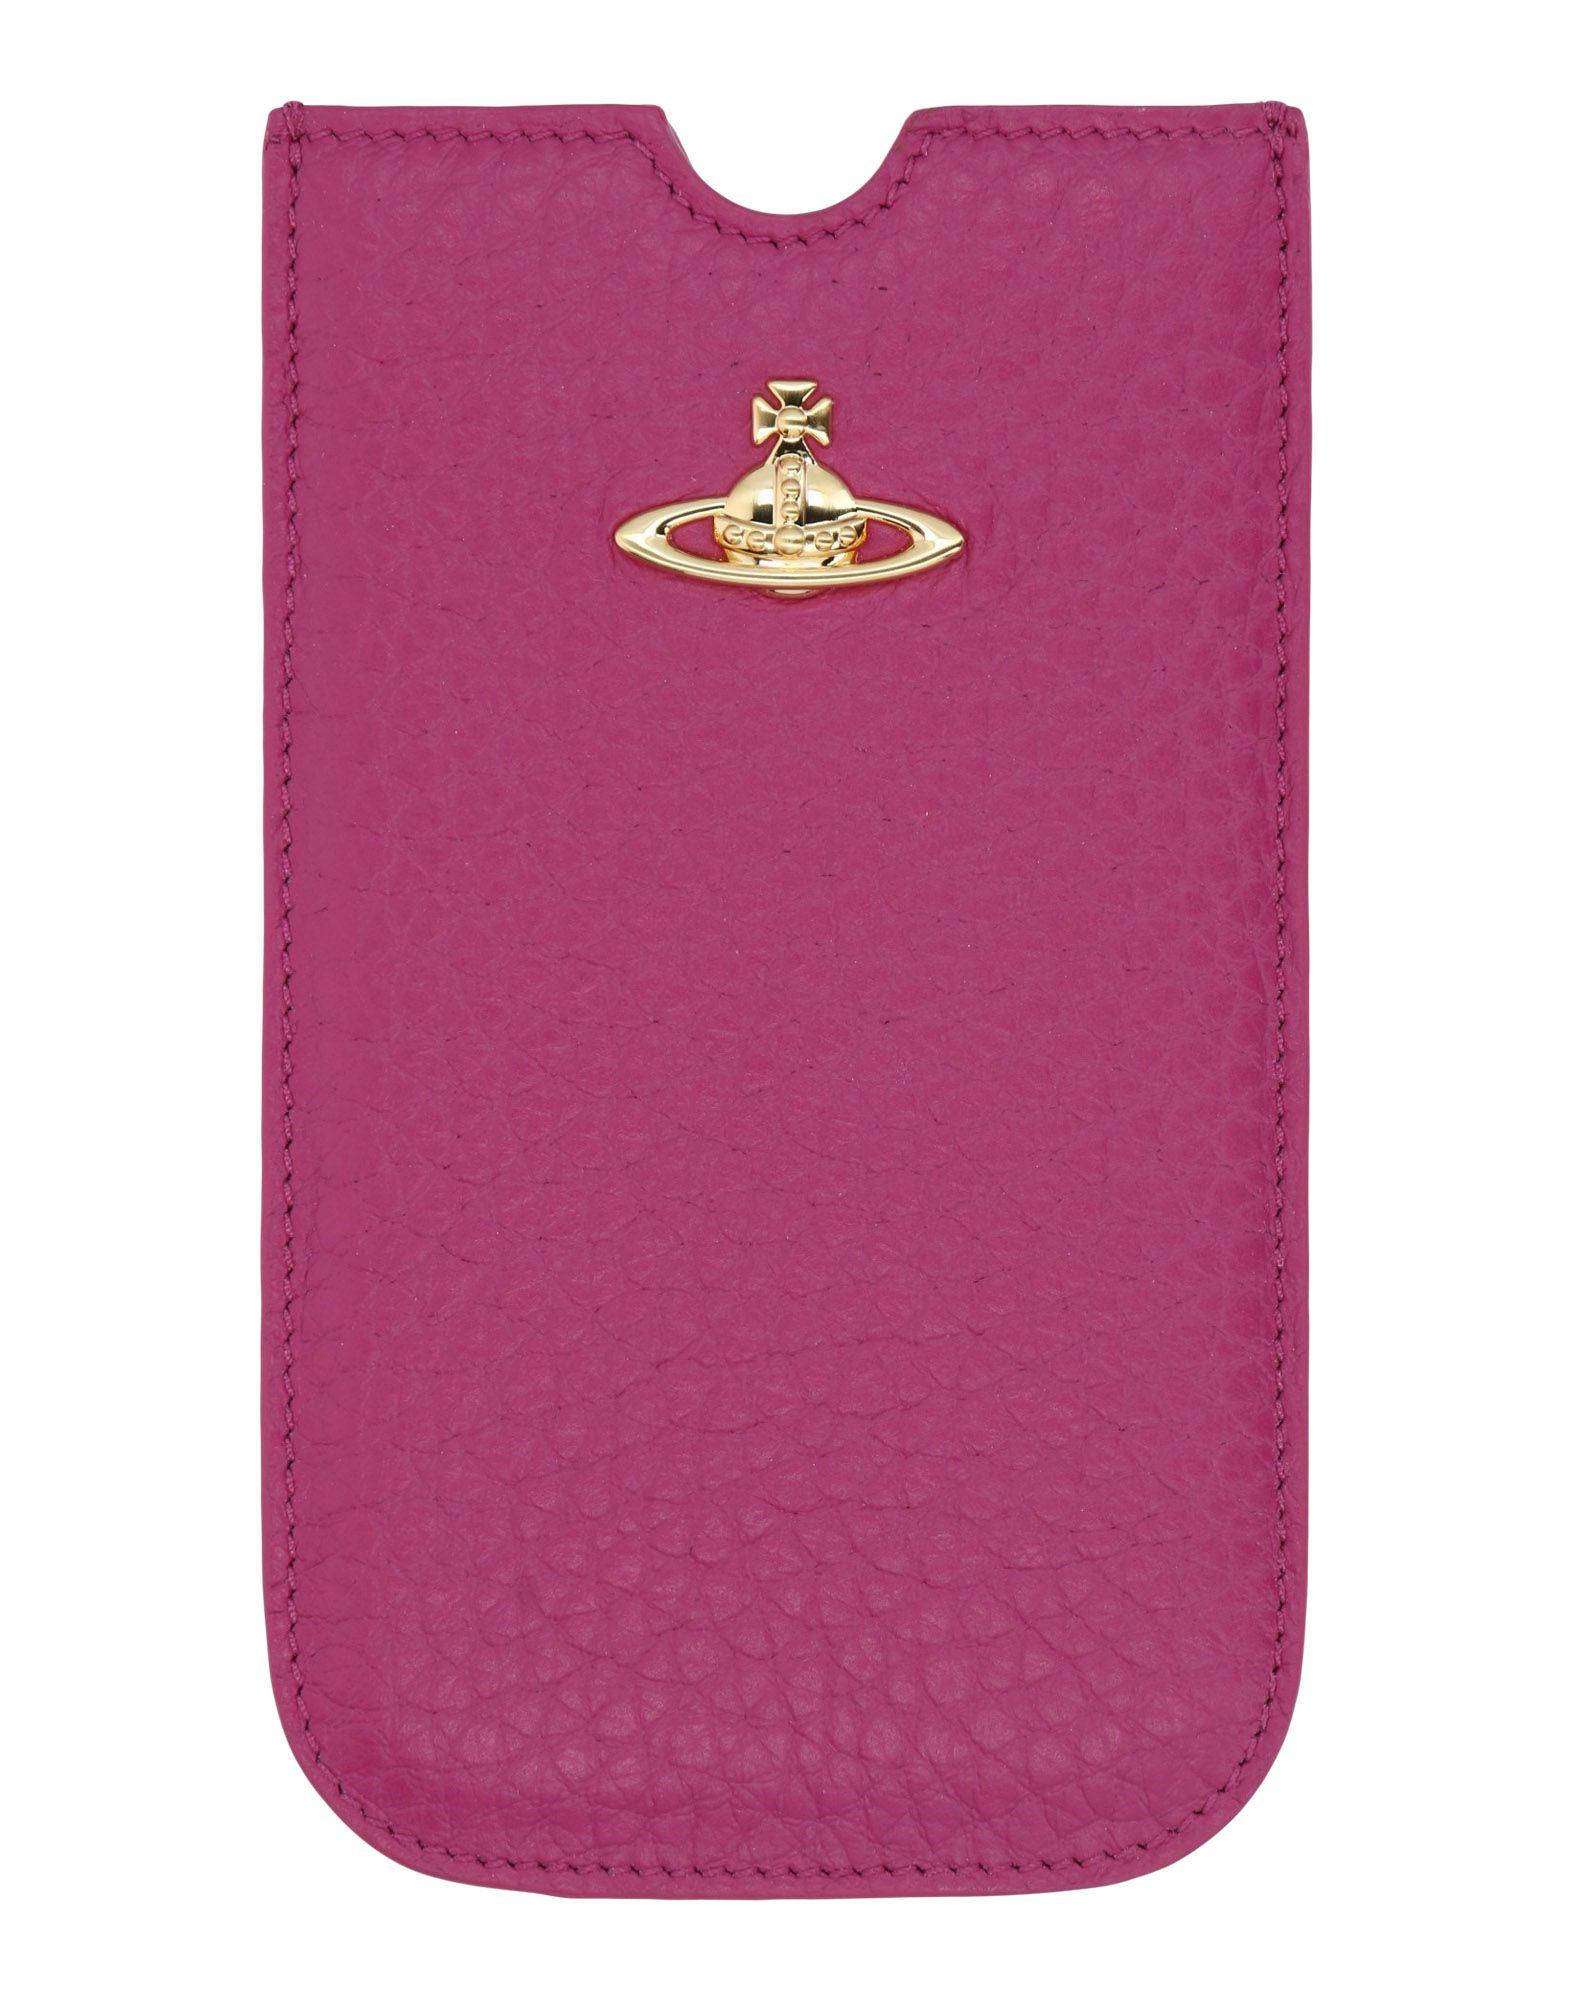 VIVIENNE WESTWOOD Чехол браун роуз дизайн кожа pu откидная крышка бумажника карты держатель чехол для iphone 6s